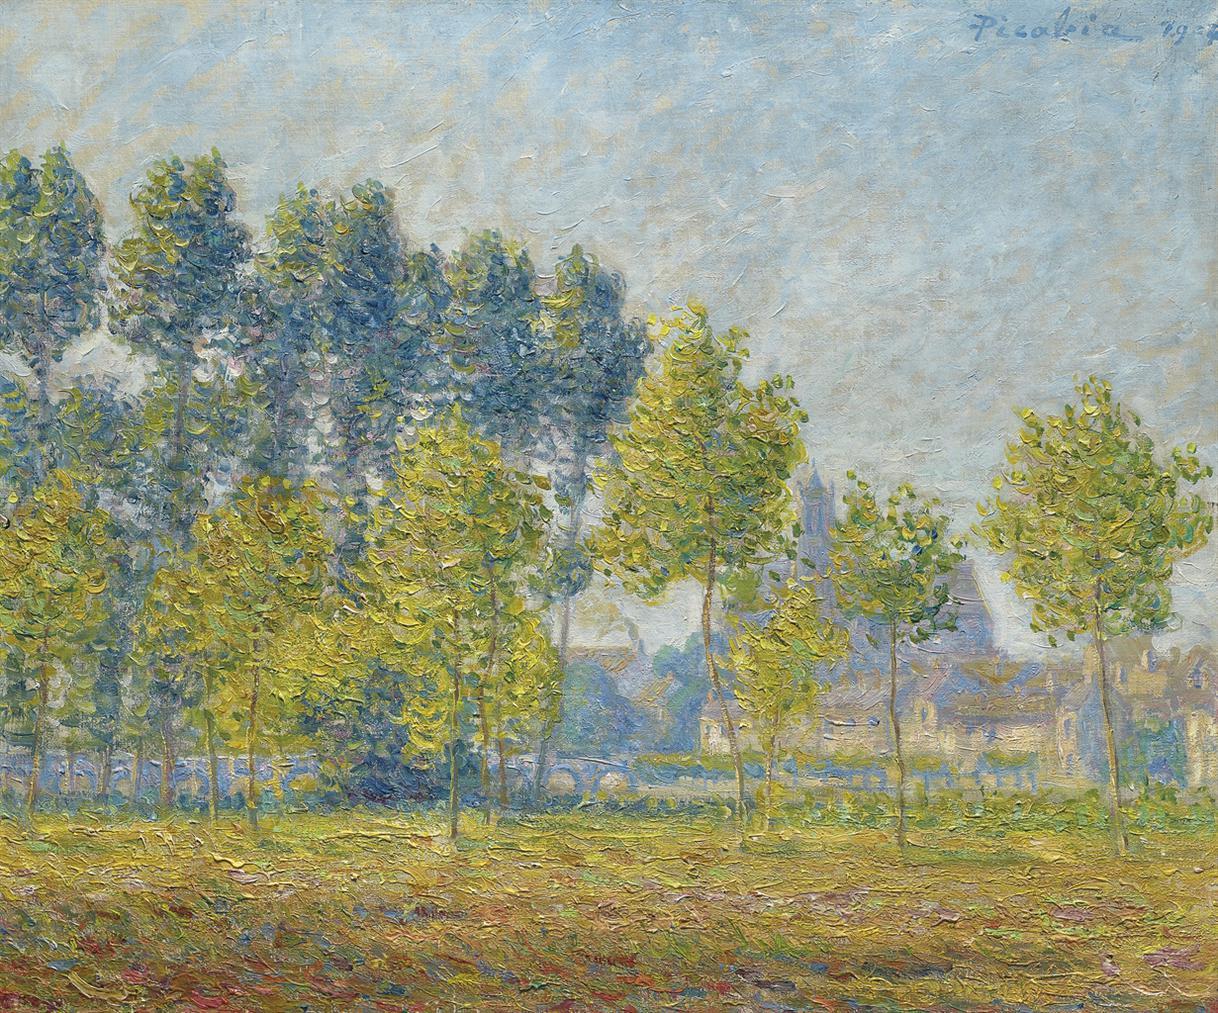 Francis Picabia-Les Peupliers, Moret-1904